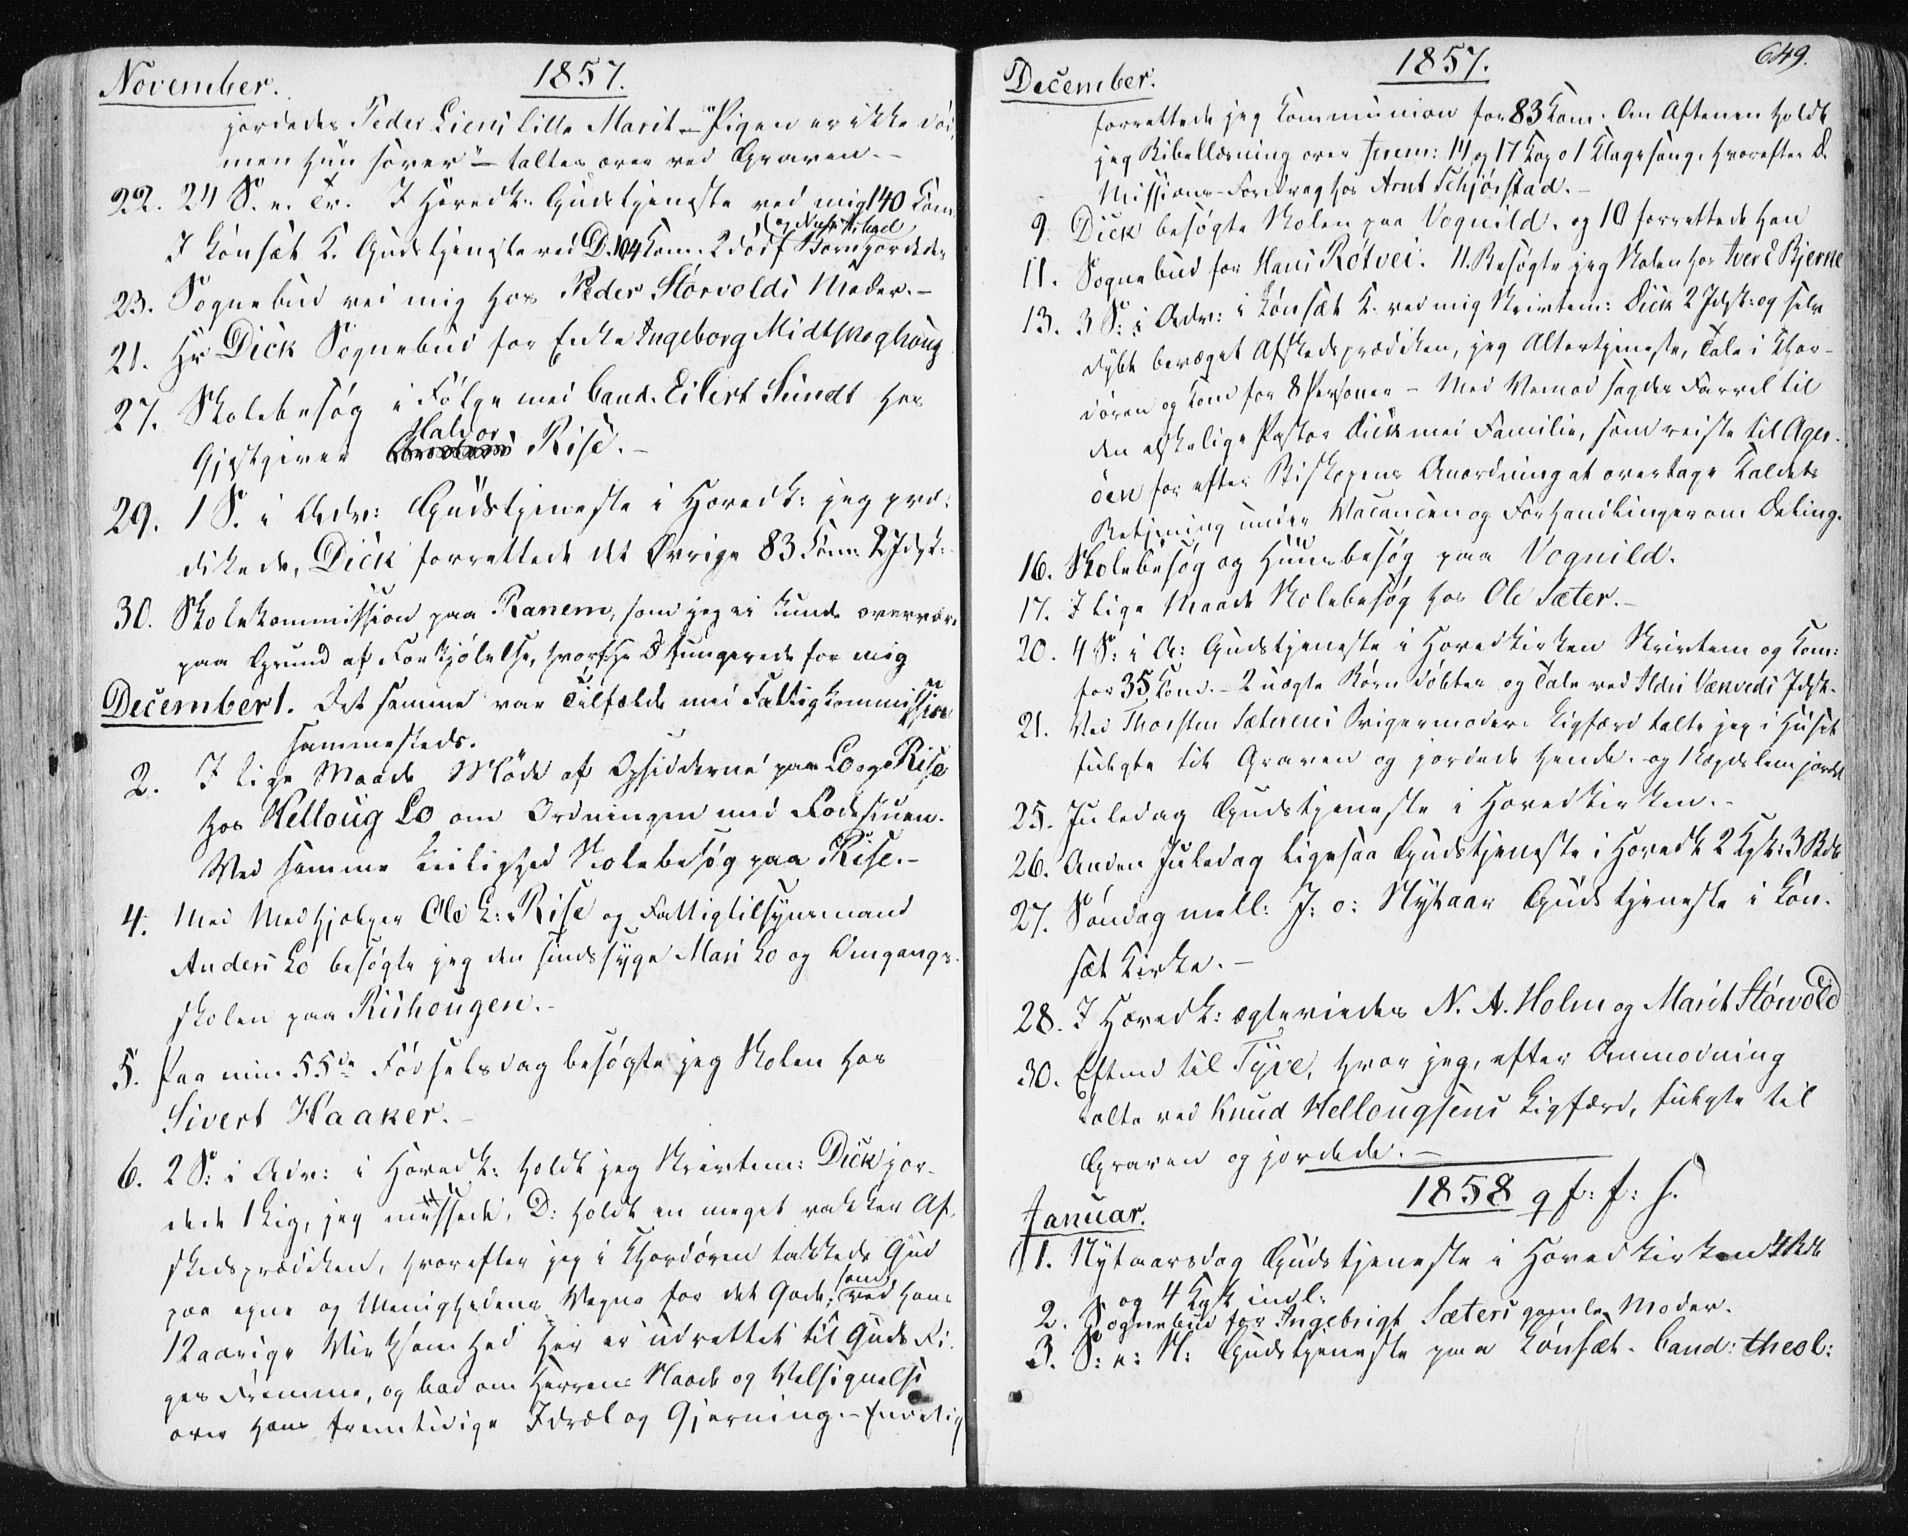 SAT, Ministerialprotokoller, klokkerbøker og fødselsregistre - Sør-Trøndelag, 678/L0899: Ministerialbok nr. 678A08, 1848-1872, s. 649